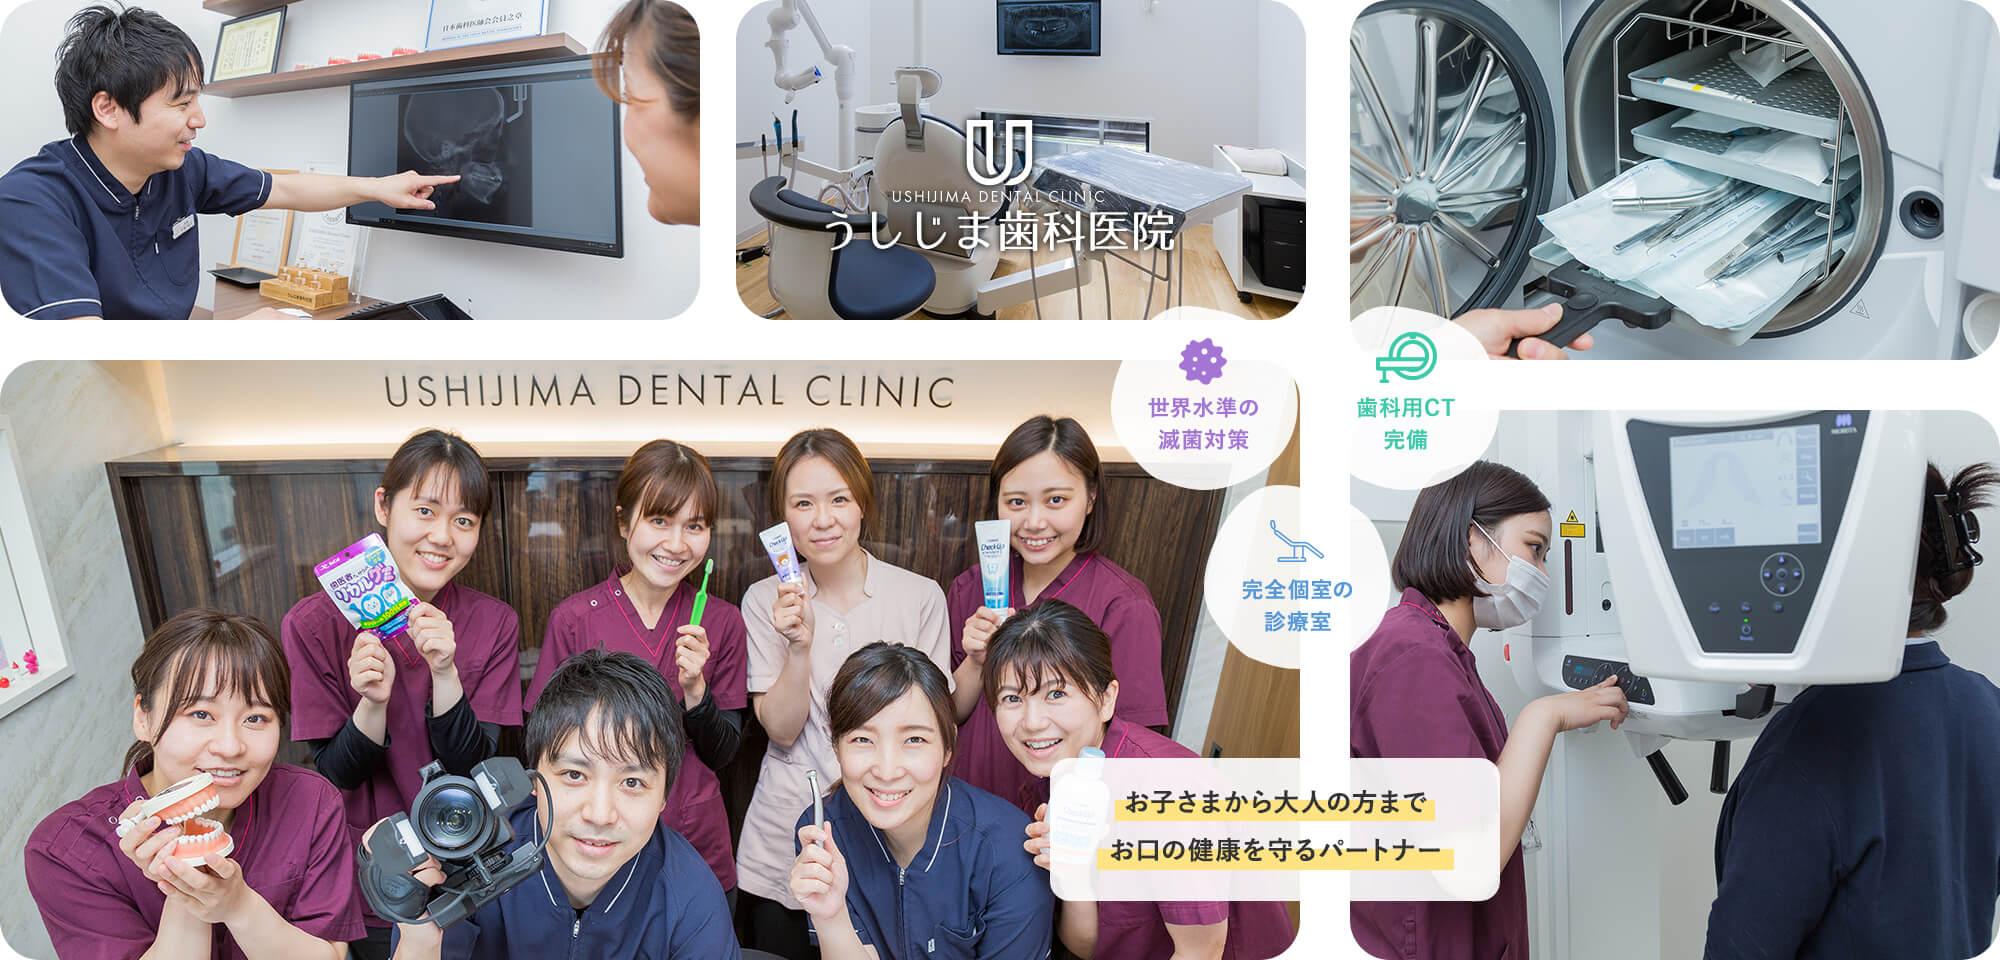 世界水準の滅菌対策・歯科用CT完備・完全個室の診療室 お子さまから大人の方までお口の健康を守るパートナー